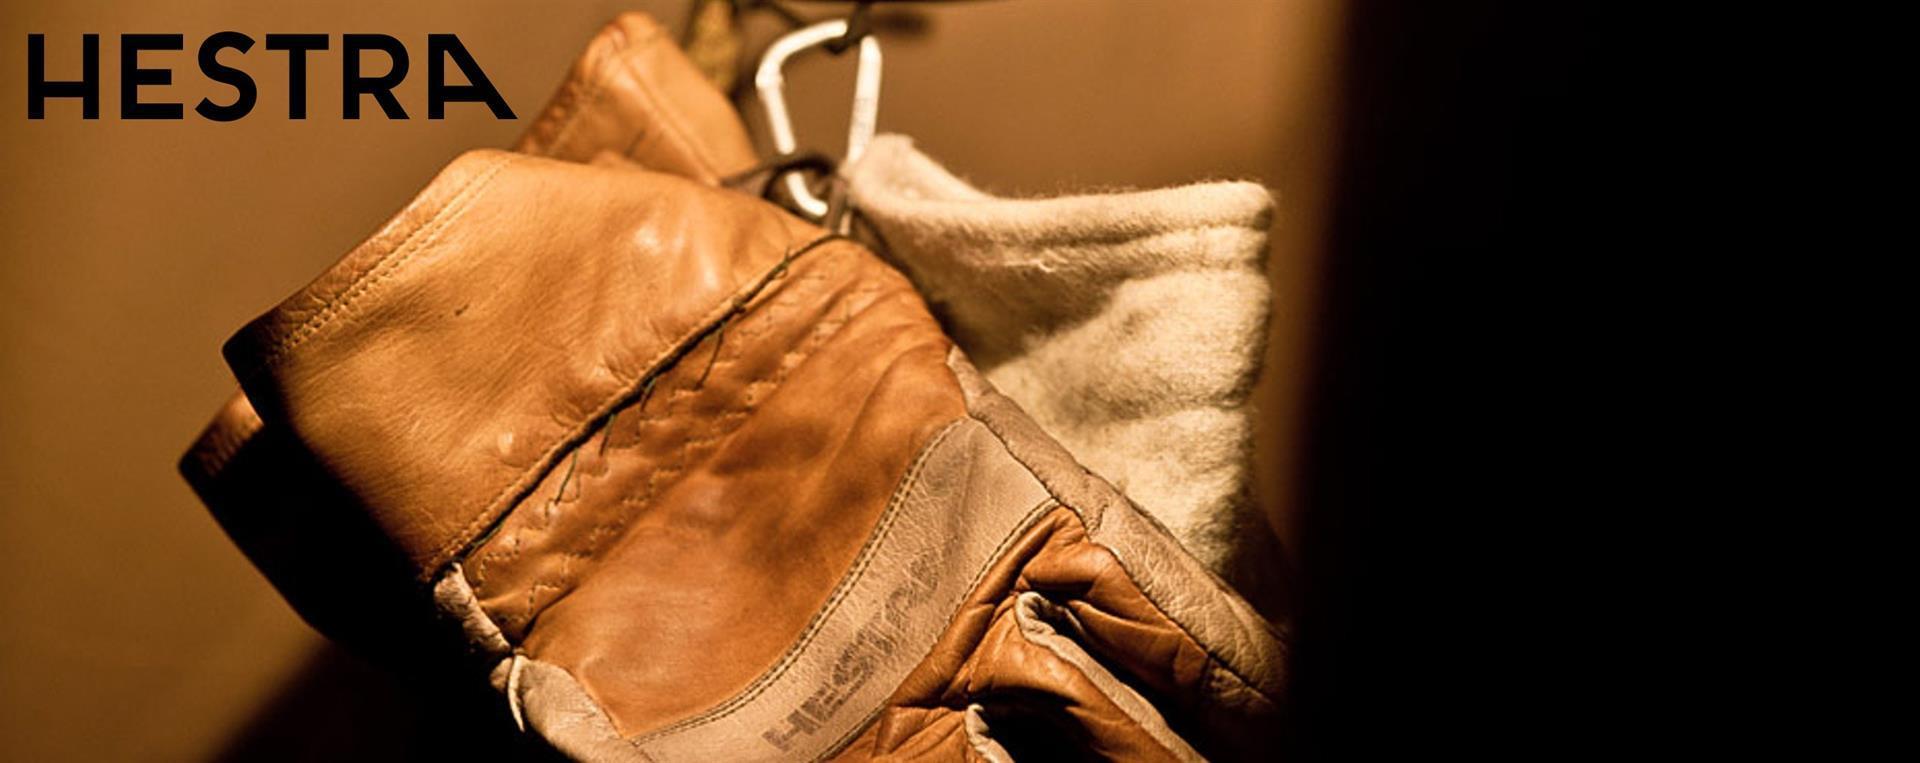 Hestra handsken